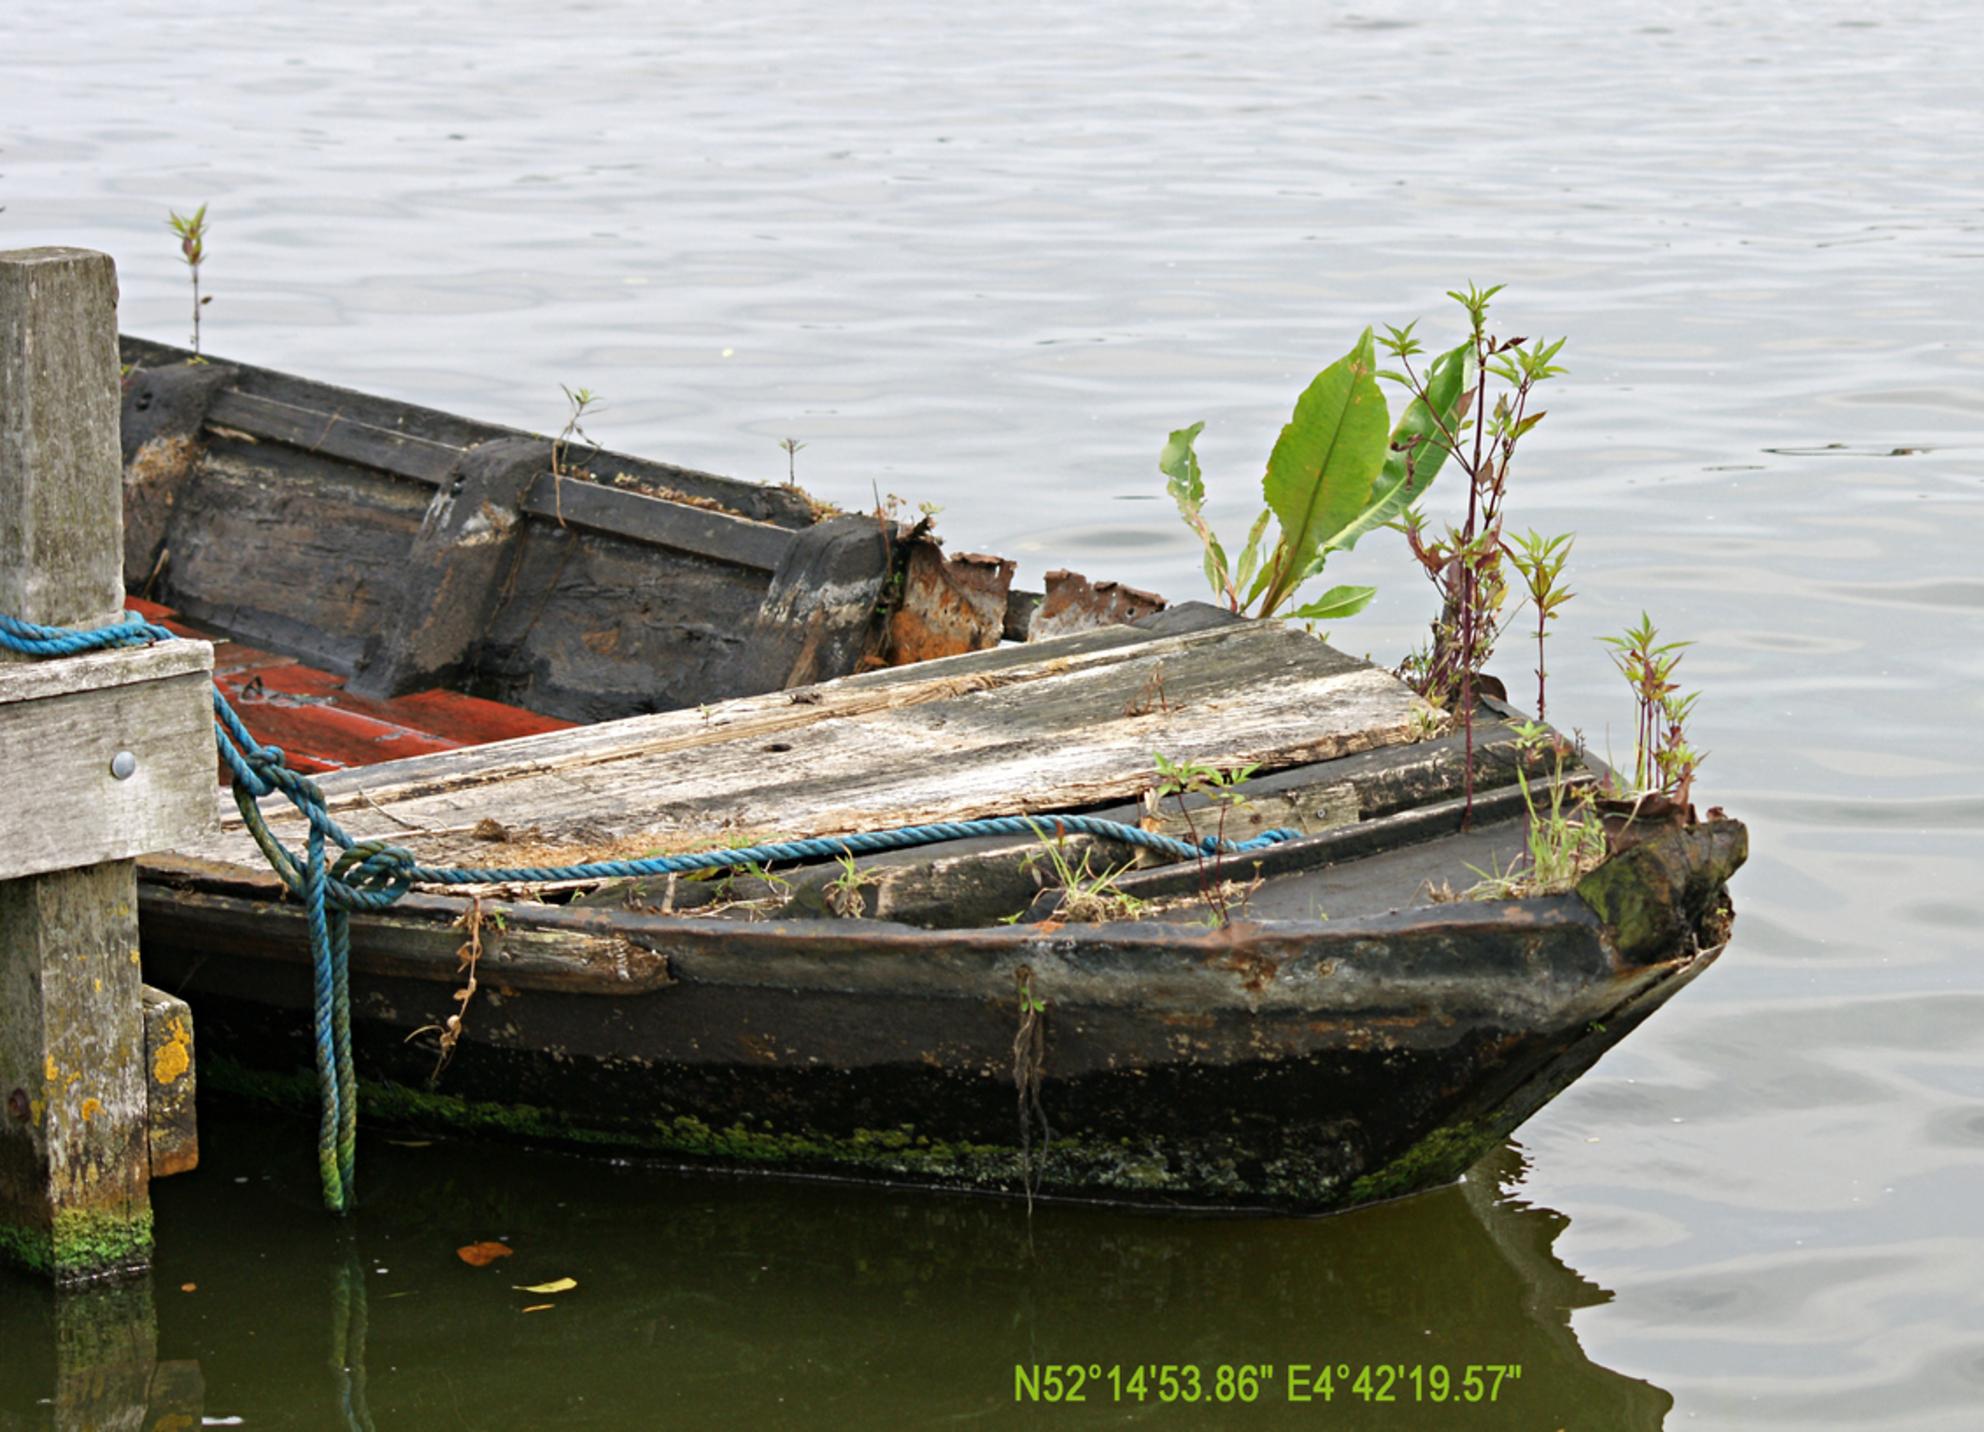 Voltooid verleden tijd - - - foto door Brunello op 30-07-2008 - deze foto bevat: oud, tijd, op, boot, het, tand, mooi, der, droge, roeiboot, kaag, begroeid